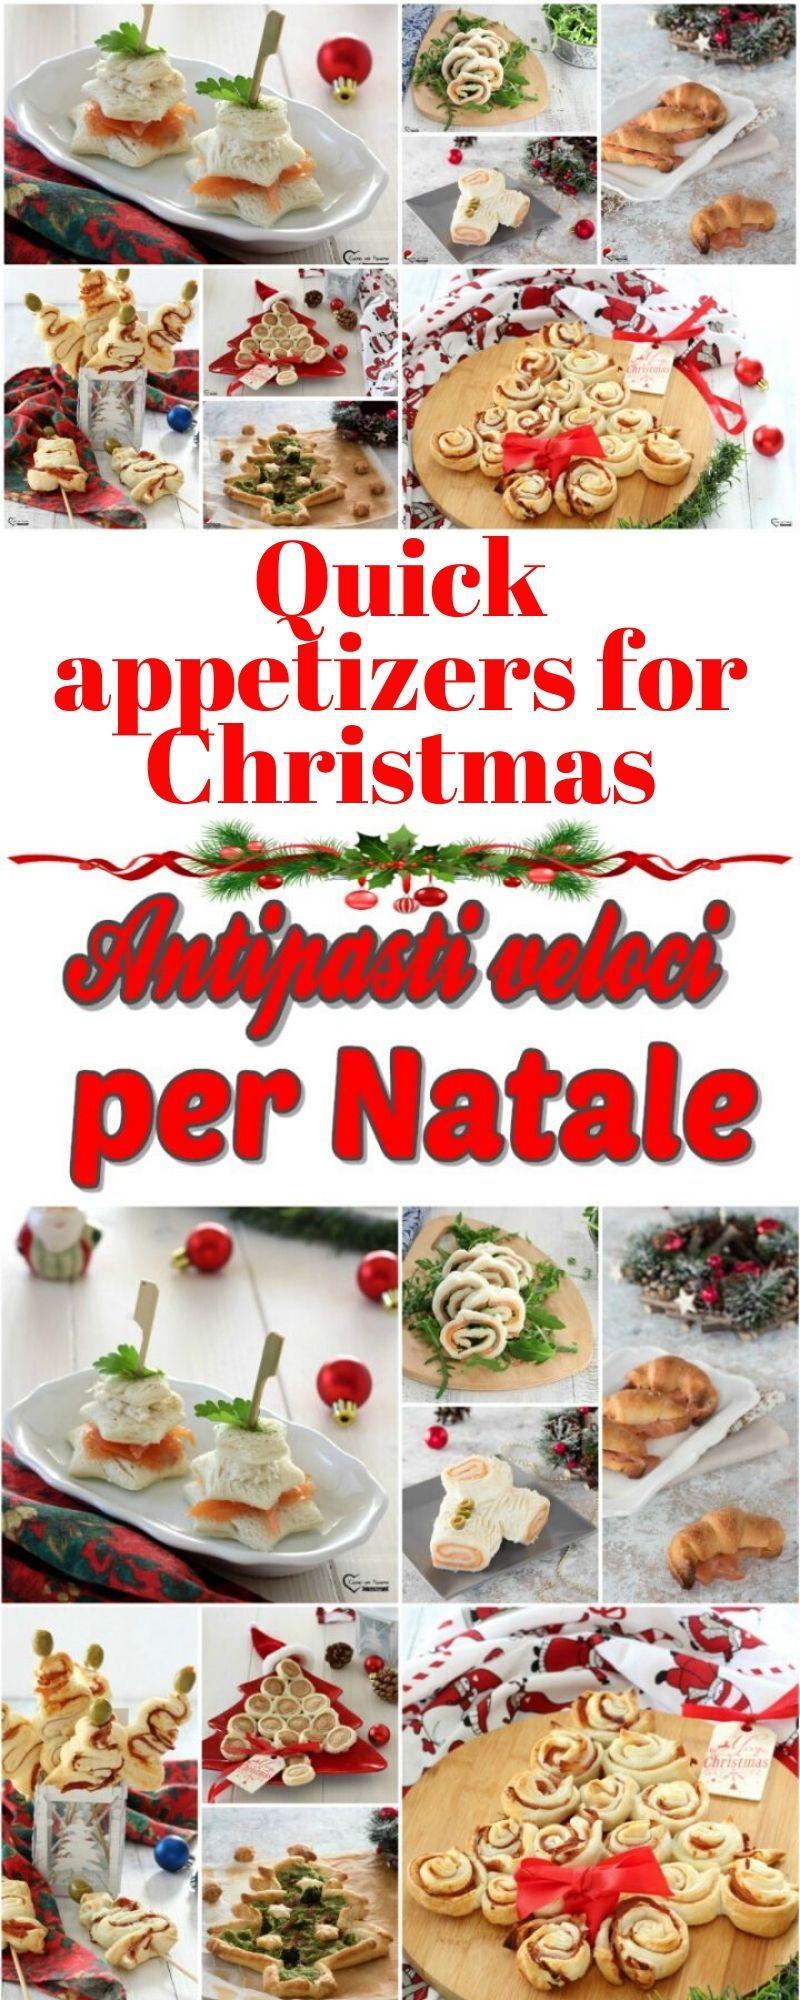 Antipasti Per Vigilia Di Natale Giallo Zafferano.Antipasti Veloci Per Natale Antipasti Per Capodanno Feste Natalizie Ricette Di Cucina Ricette Antipasti Di Natale